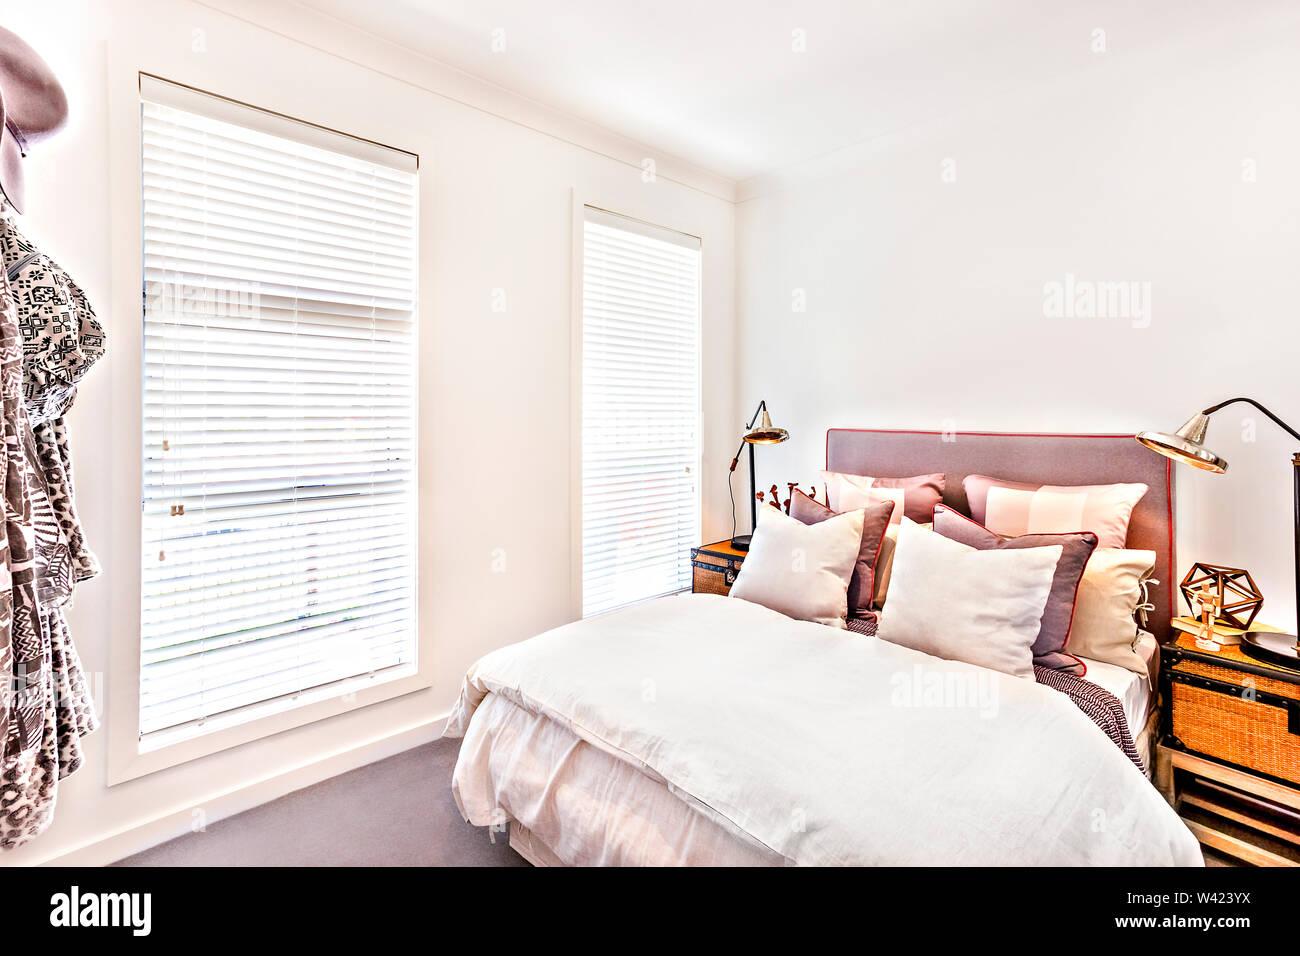 Camera moderna con cuscini sul letto con lenzuola e coperte accanto al caso di rattan e lampada da tavolo, la finestra viene chiusa e la luce del sole è venuto attraverso Immagini Stock